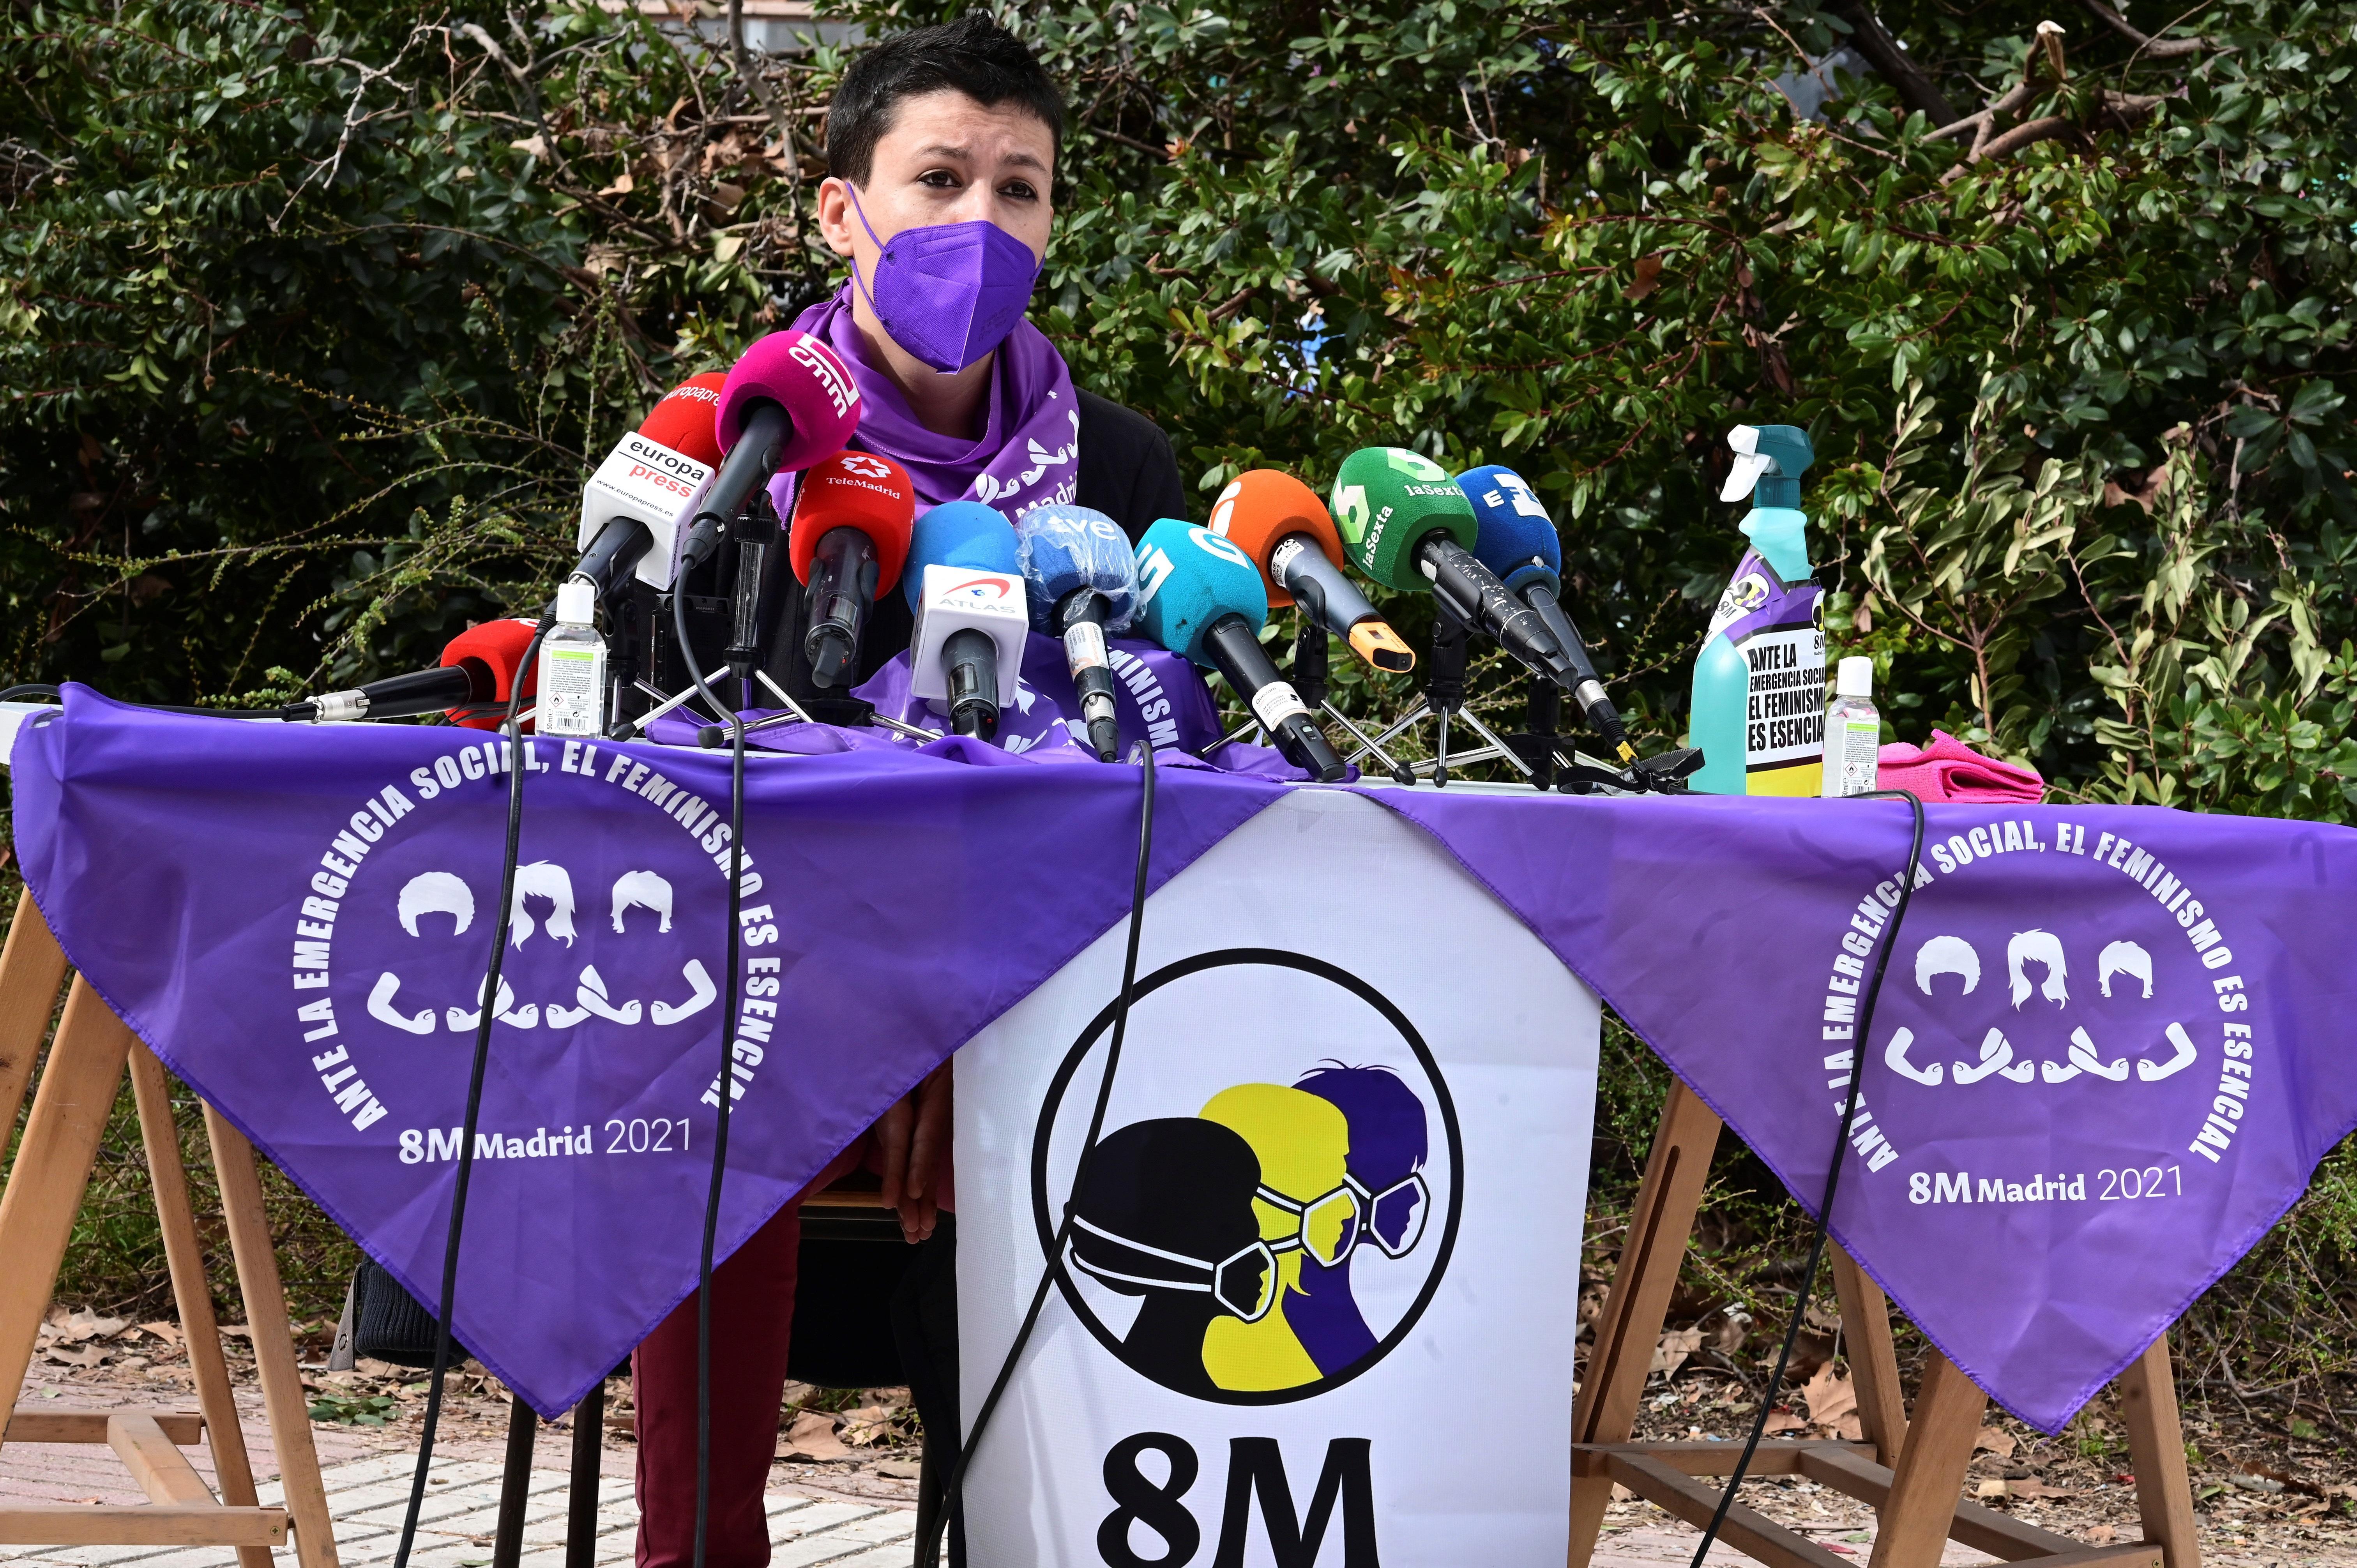 Avalancha de peticiones de manifestación en Madrid: 69 en un solo día